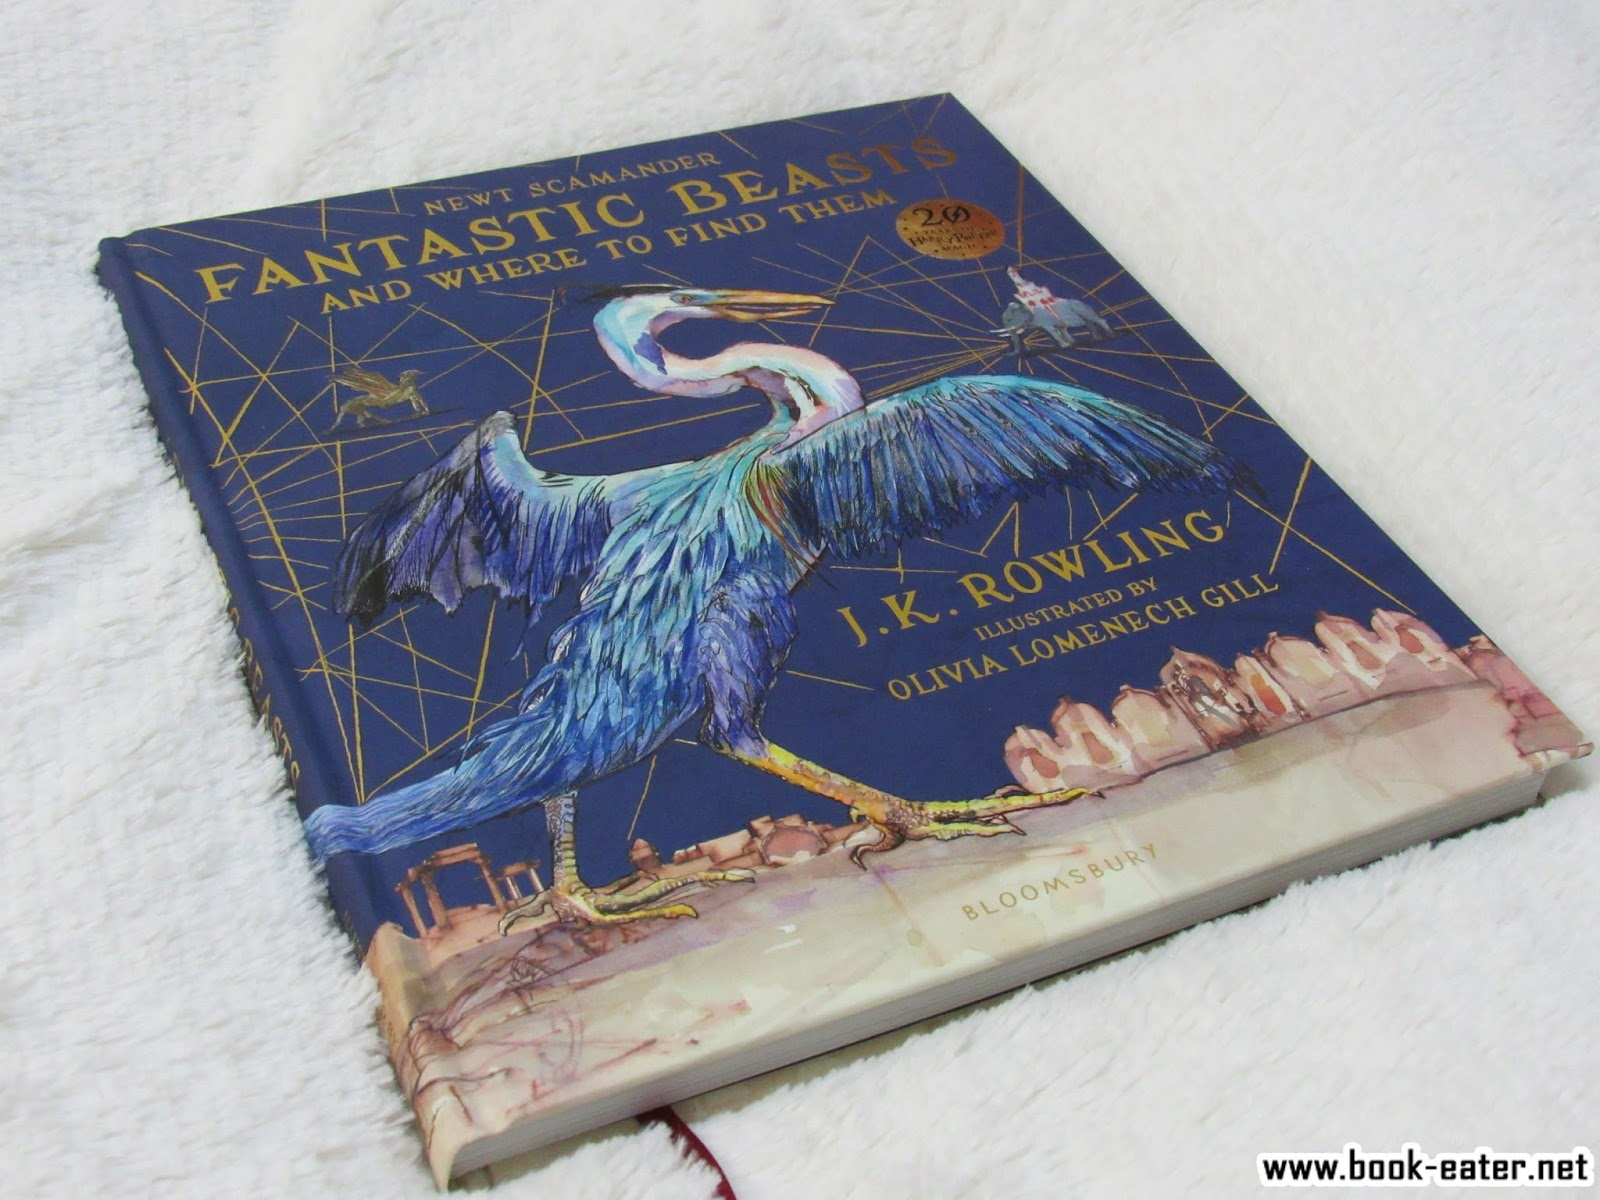 Book Eater Fotoresena Animales Fantasticos De Newt Scamander